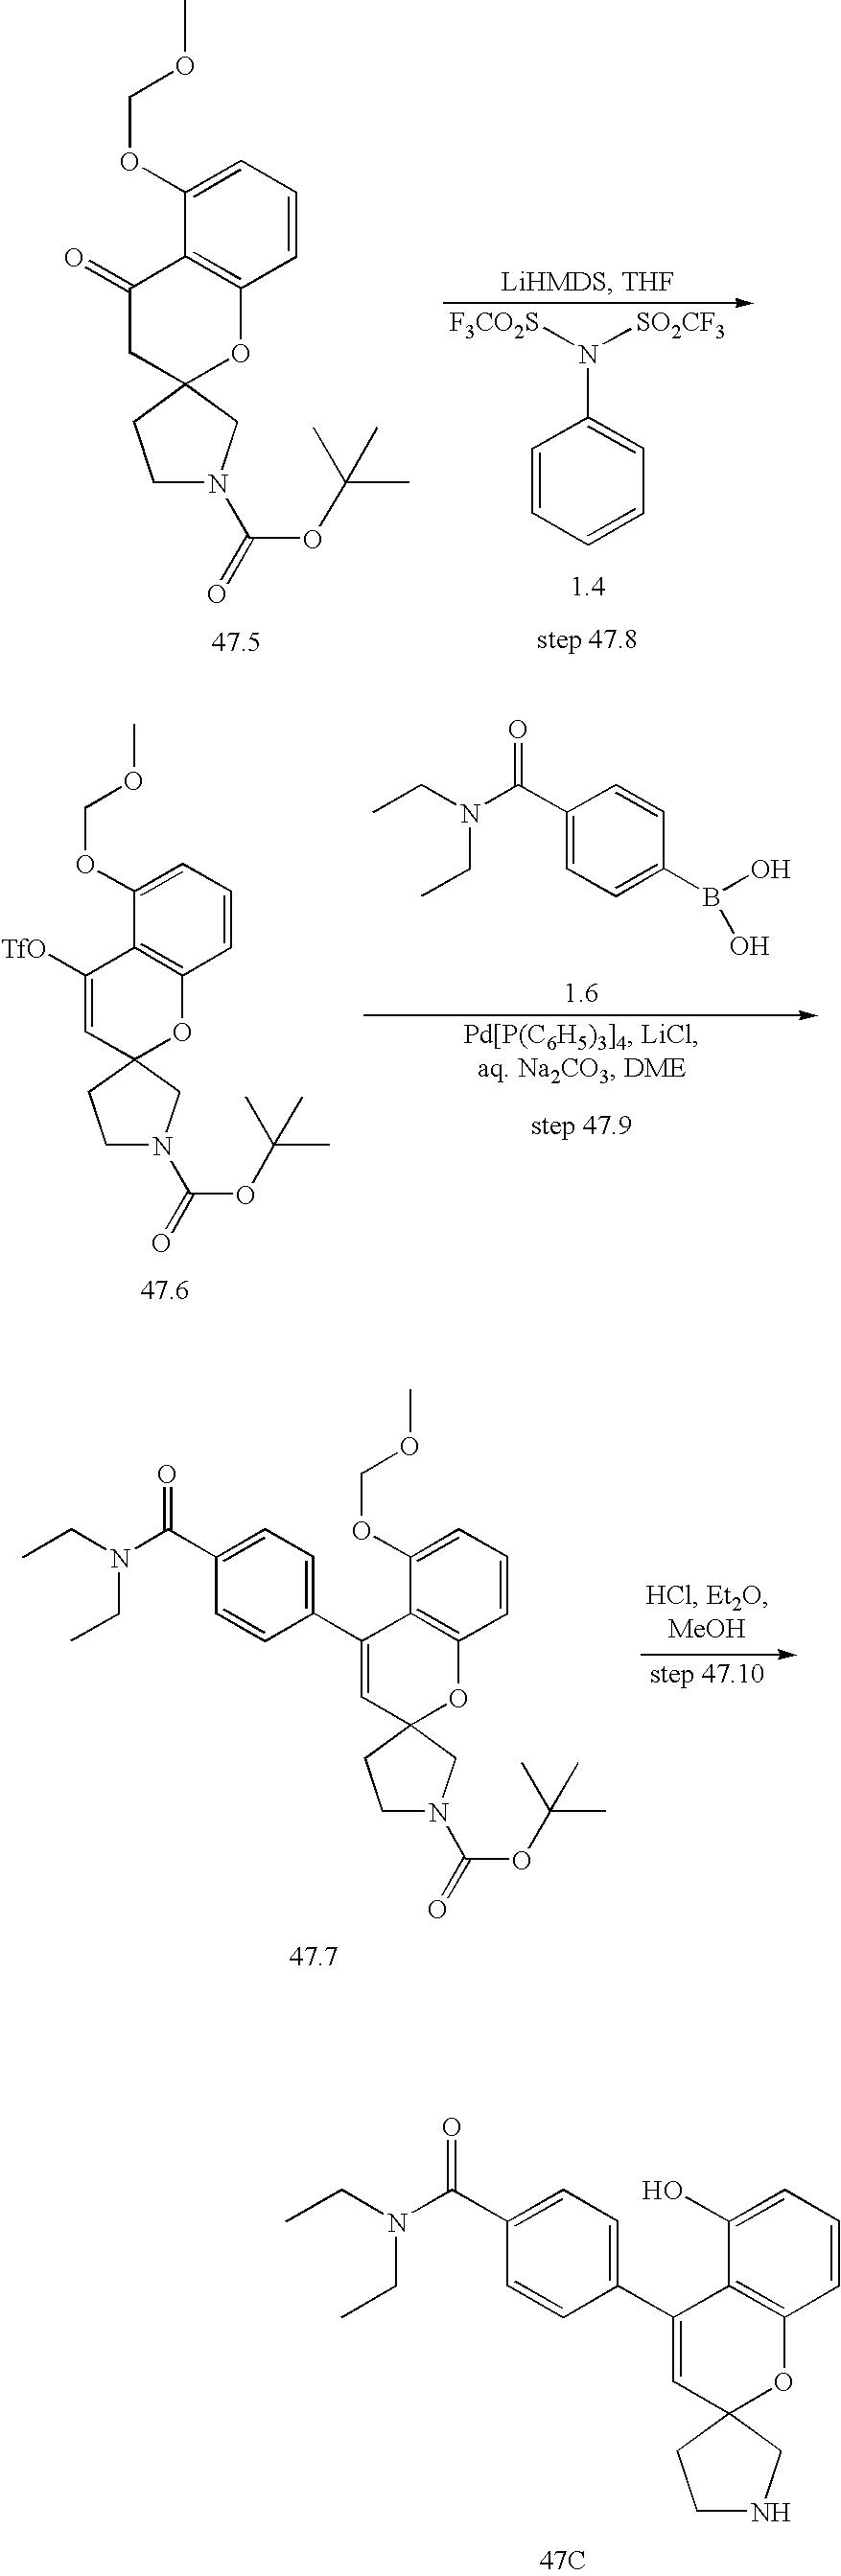 Figure US07598261-20091006-C00233